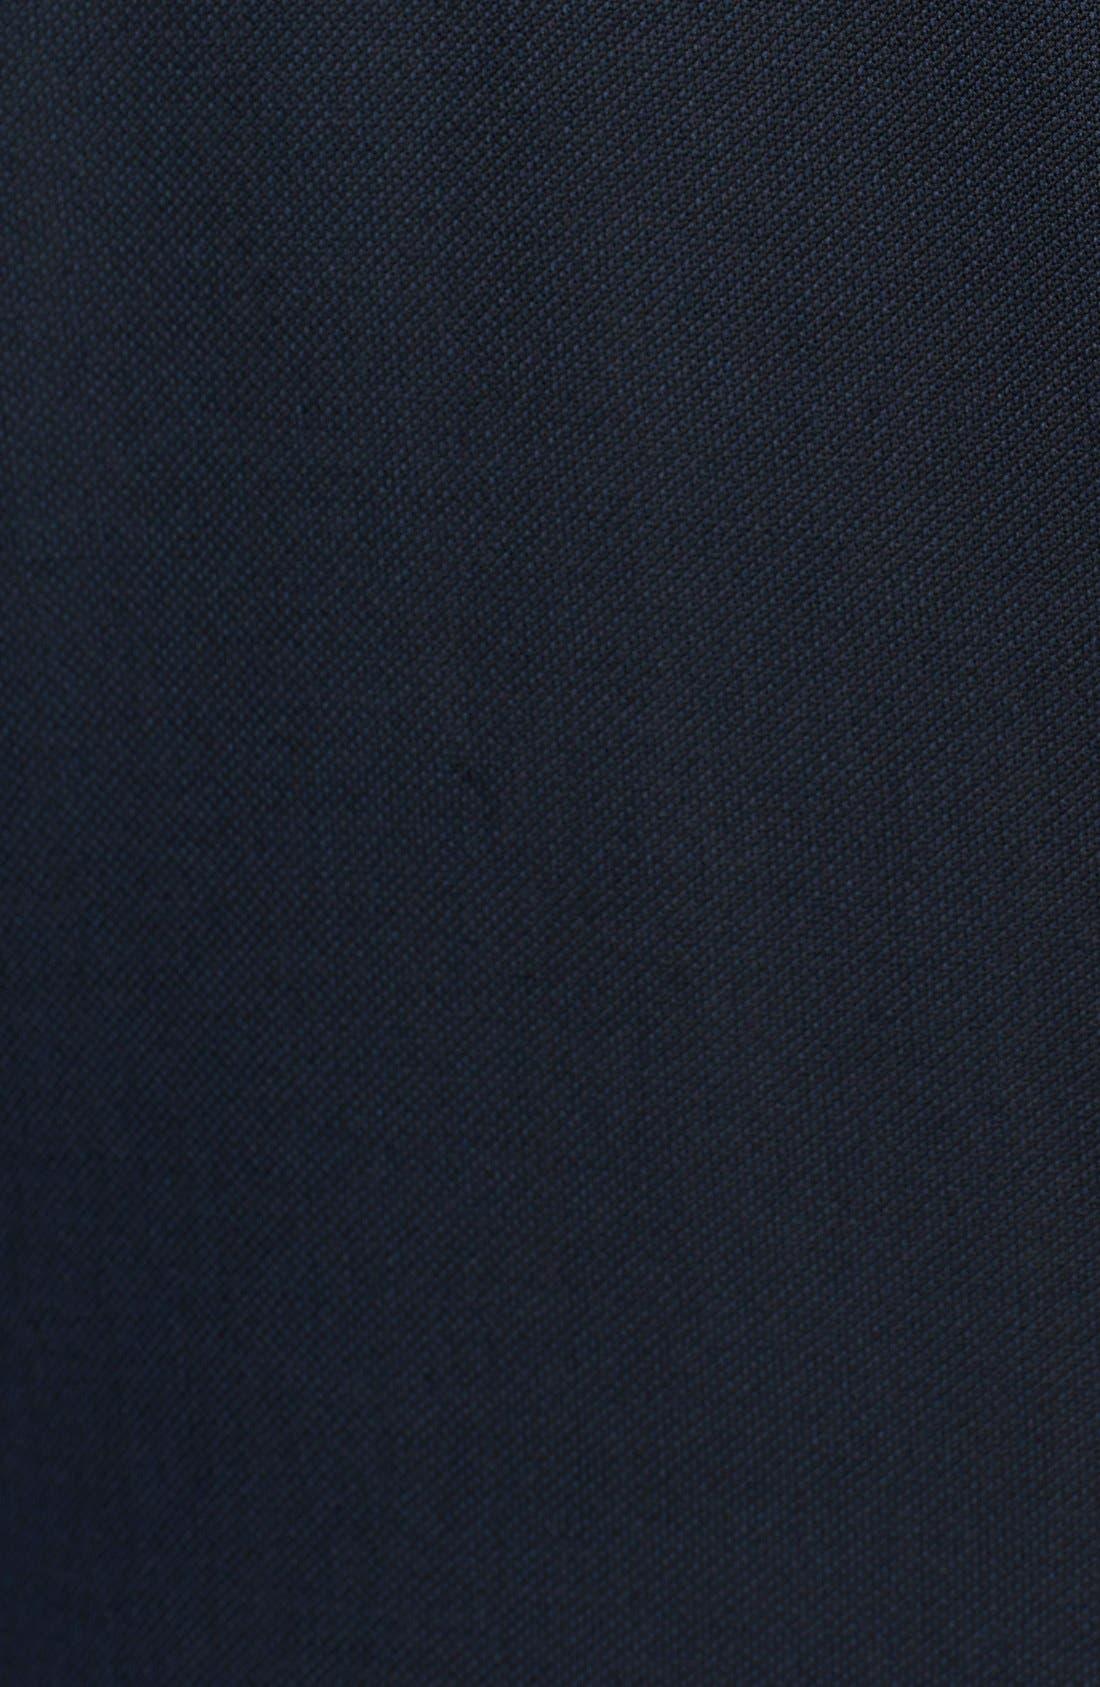 Trim Fit Navy Tic Weave Wool Suit,                             Alternate thumbnail 2, color,                             412